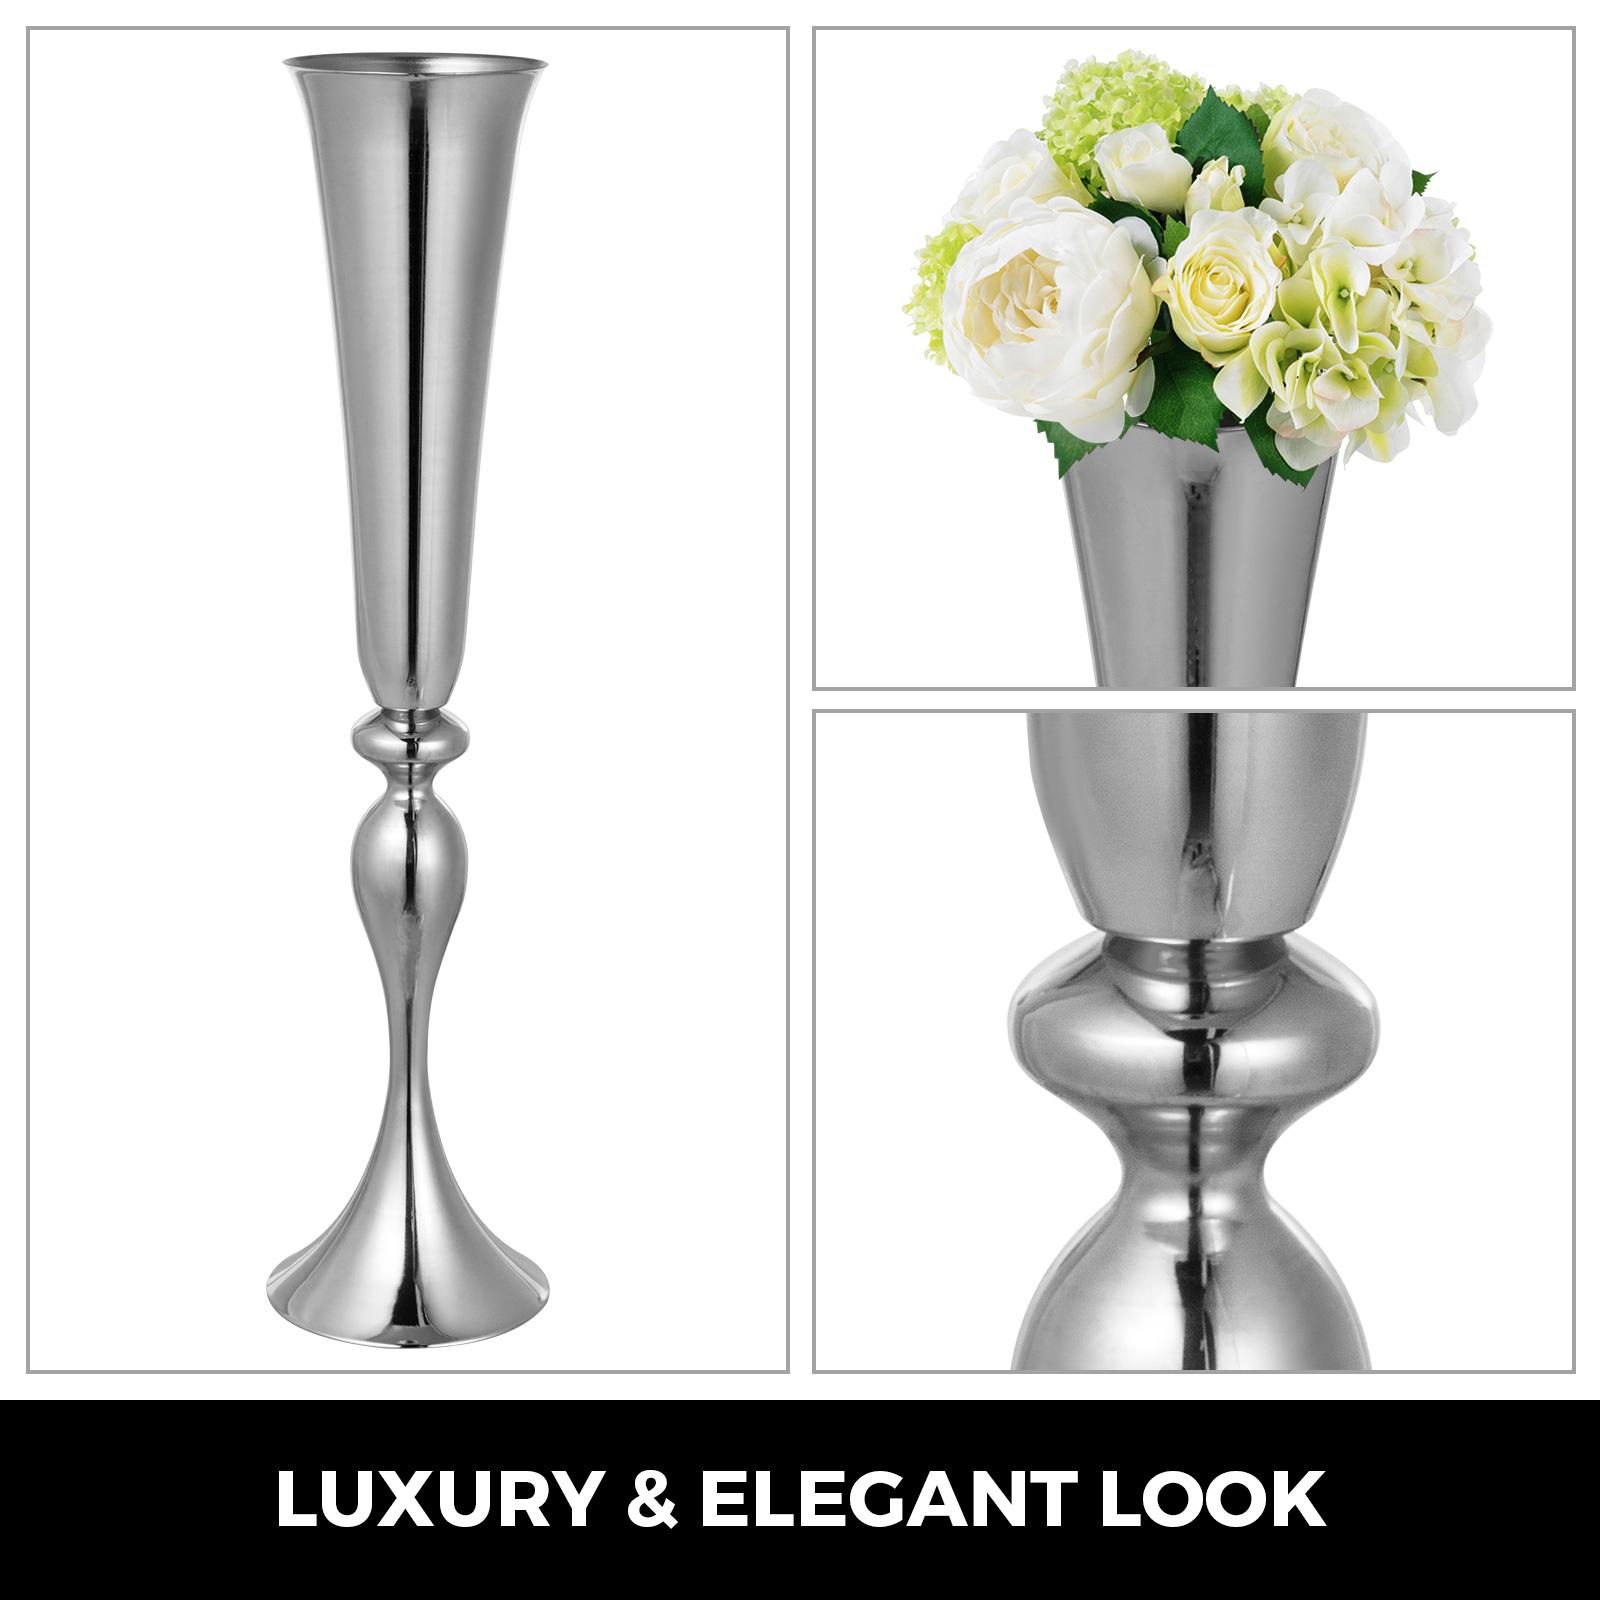 Trumpet-Vase-Flower-Vases-Centerpiece-29-5-034-22-034-for-Party-Celebration-Events thumbnail 27